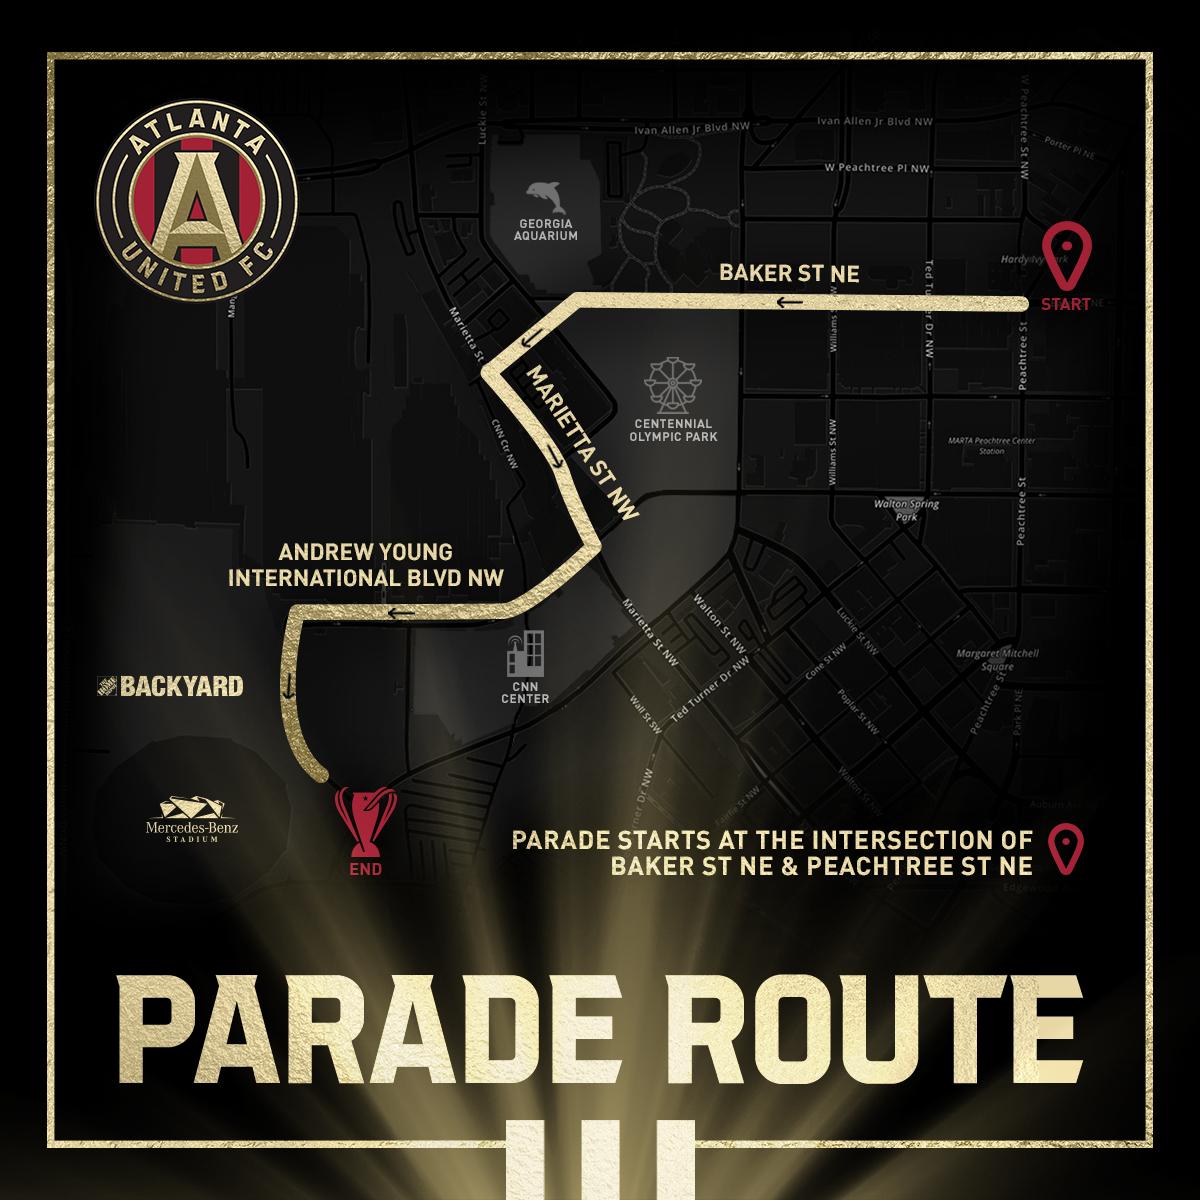 MLS soccer parade